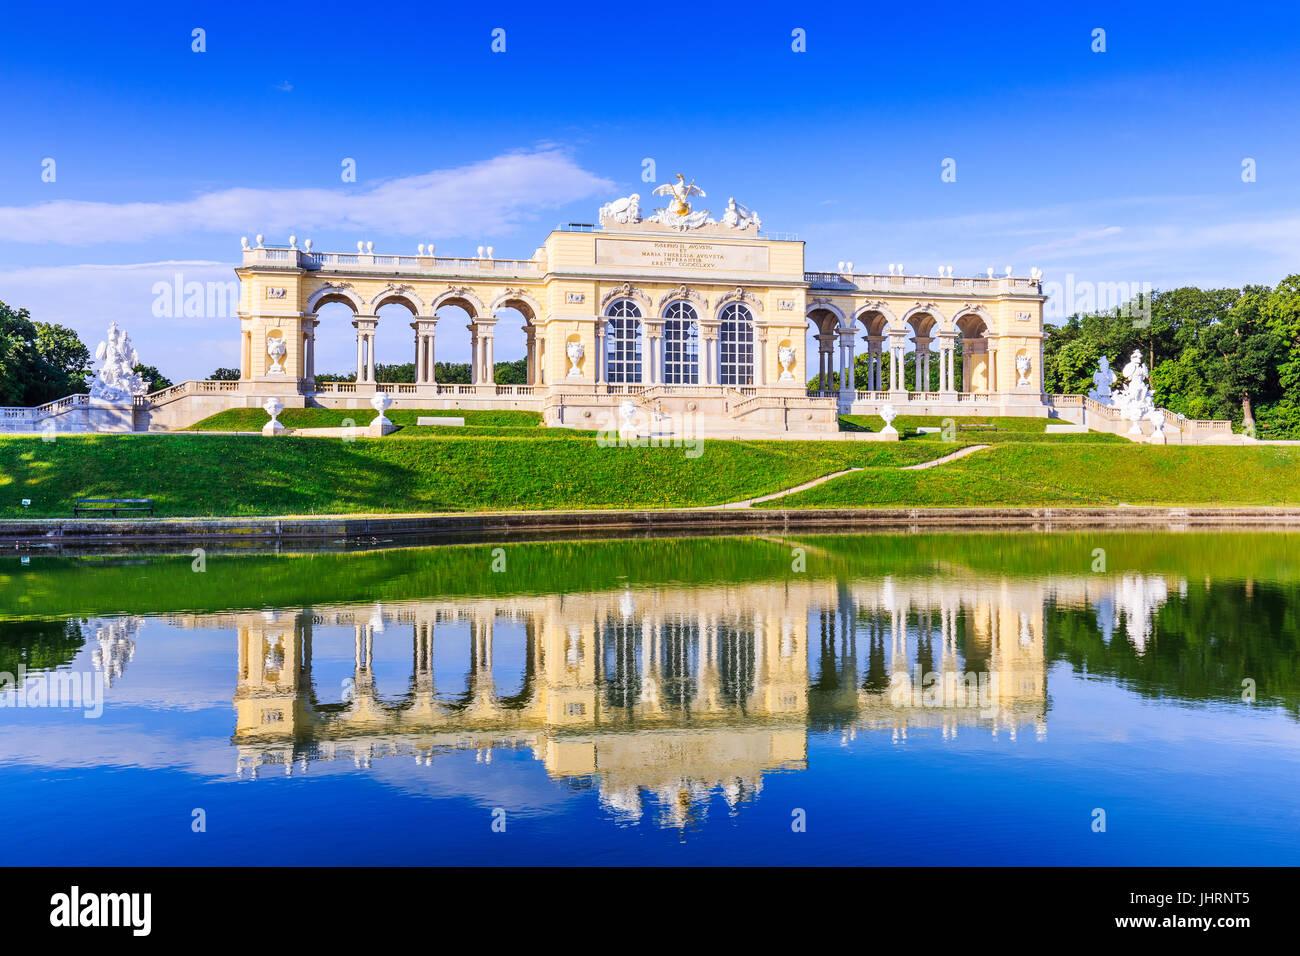 Wien, Österreich. Die Gloriette Pavillon im Schlosspark Schönbrunn Stockbild